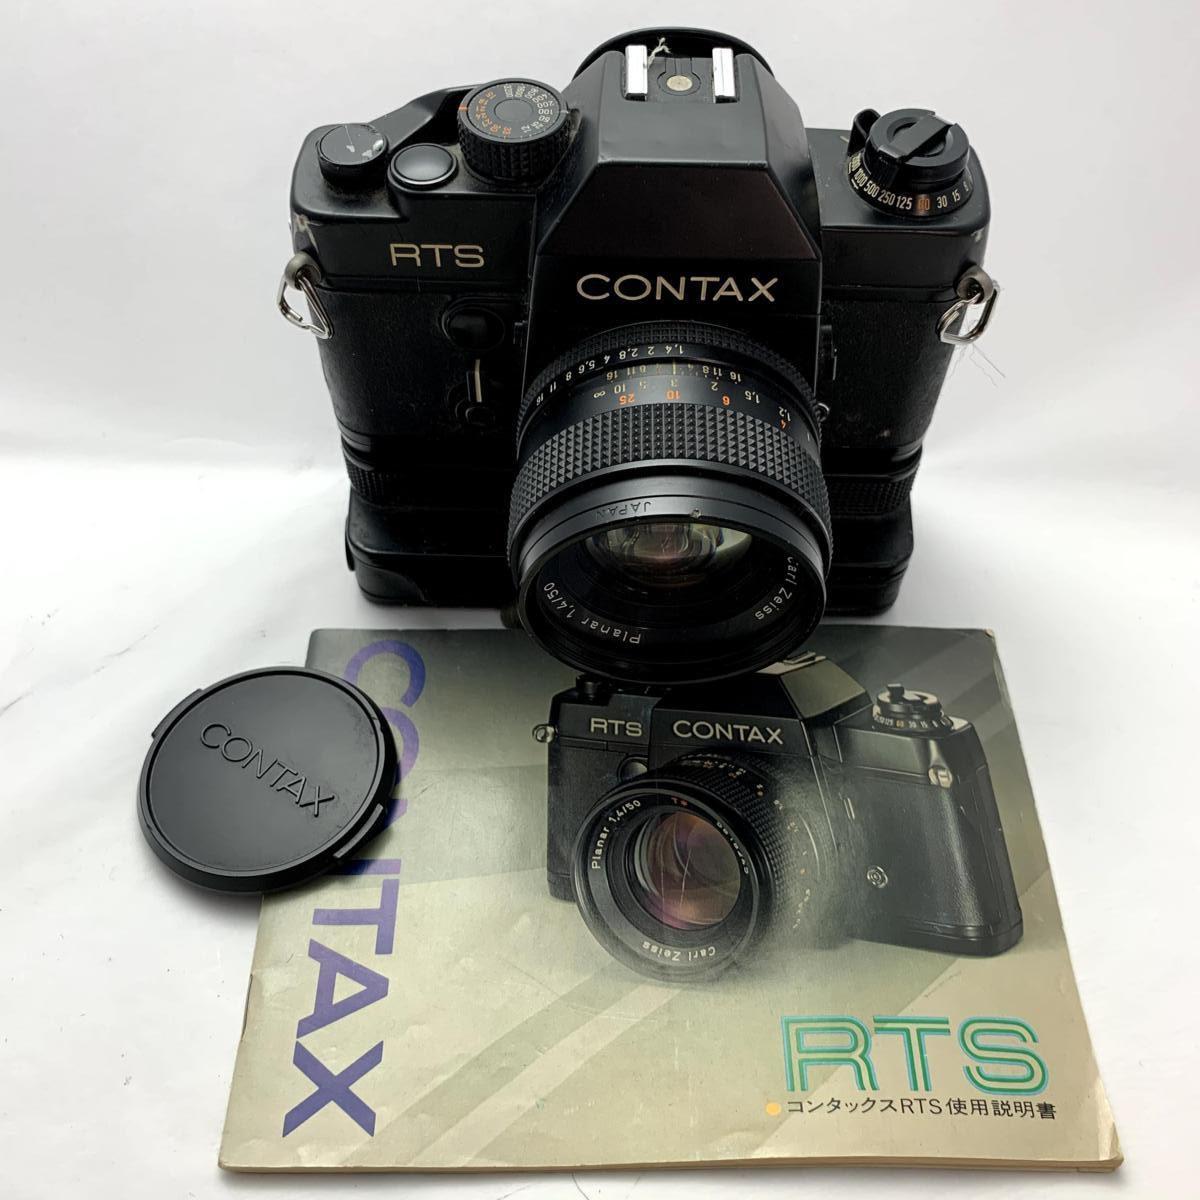 コンタックスのカメラを高額買取しました! 山梨県のお客様